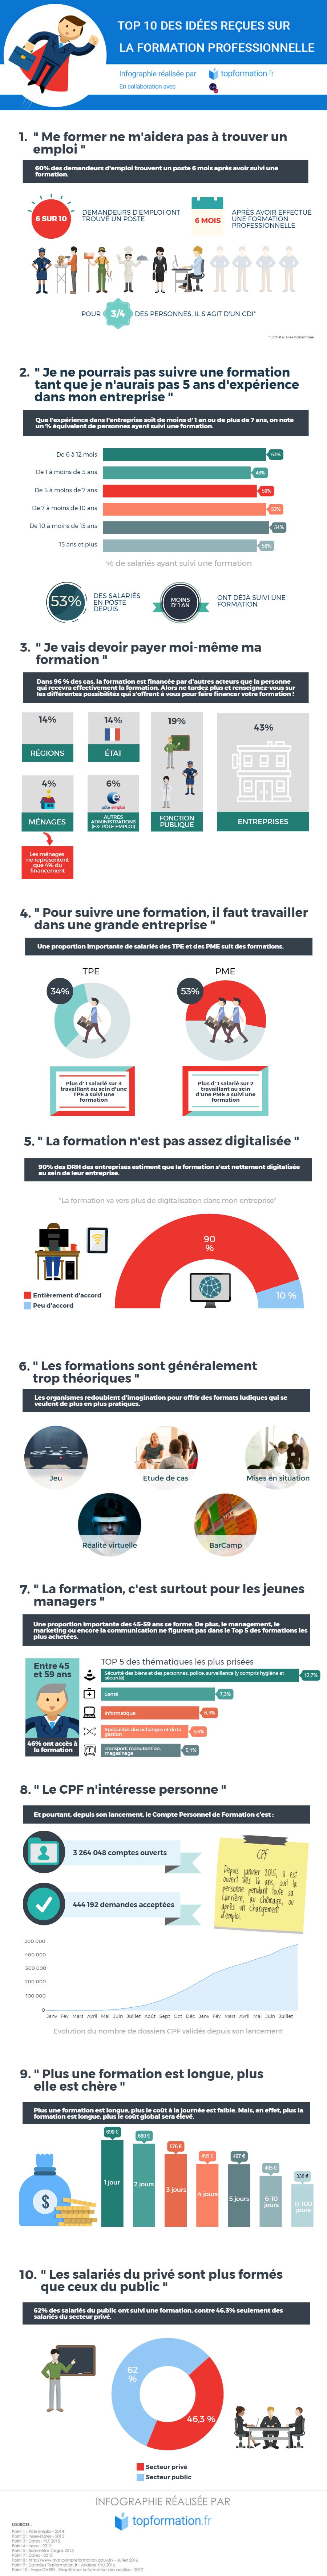 Infographie 10 idées reçues sur la formation professionnelle